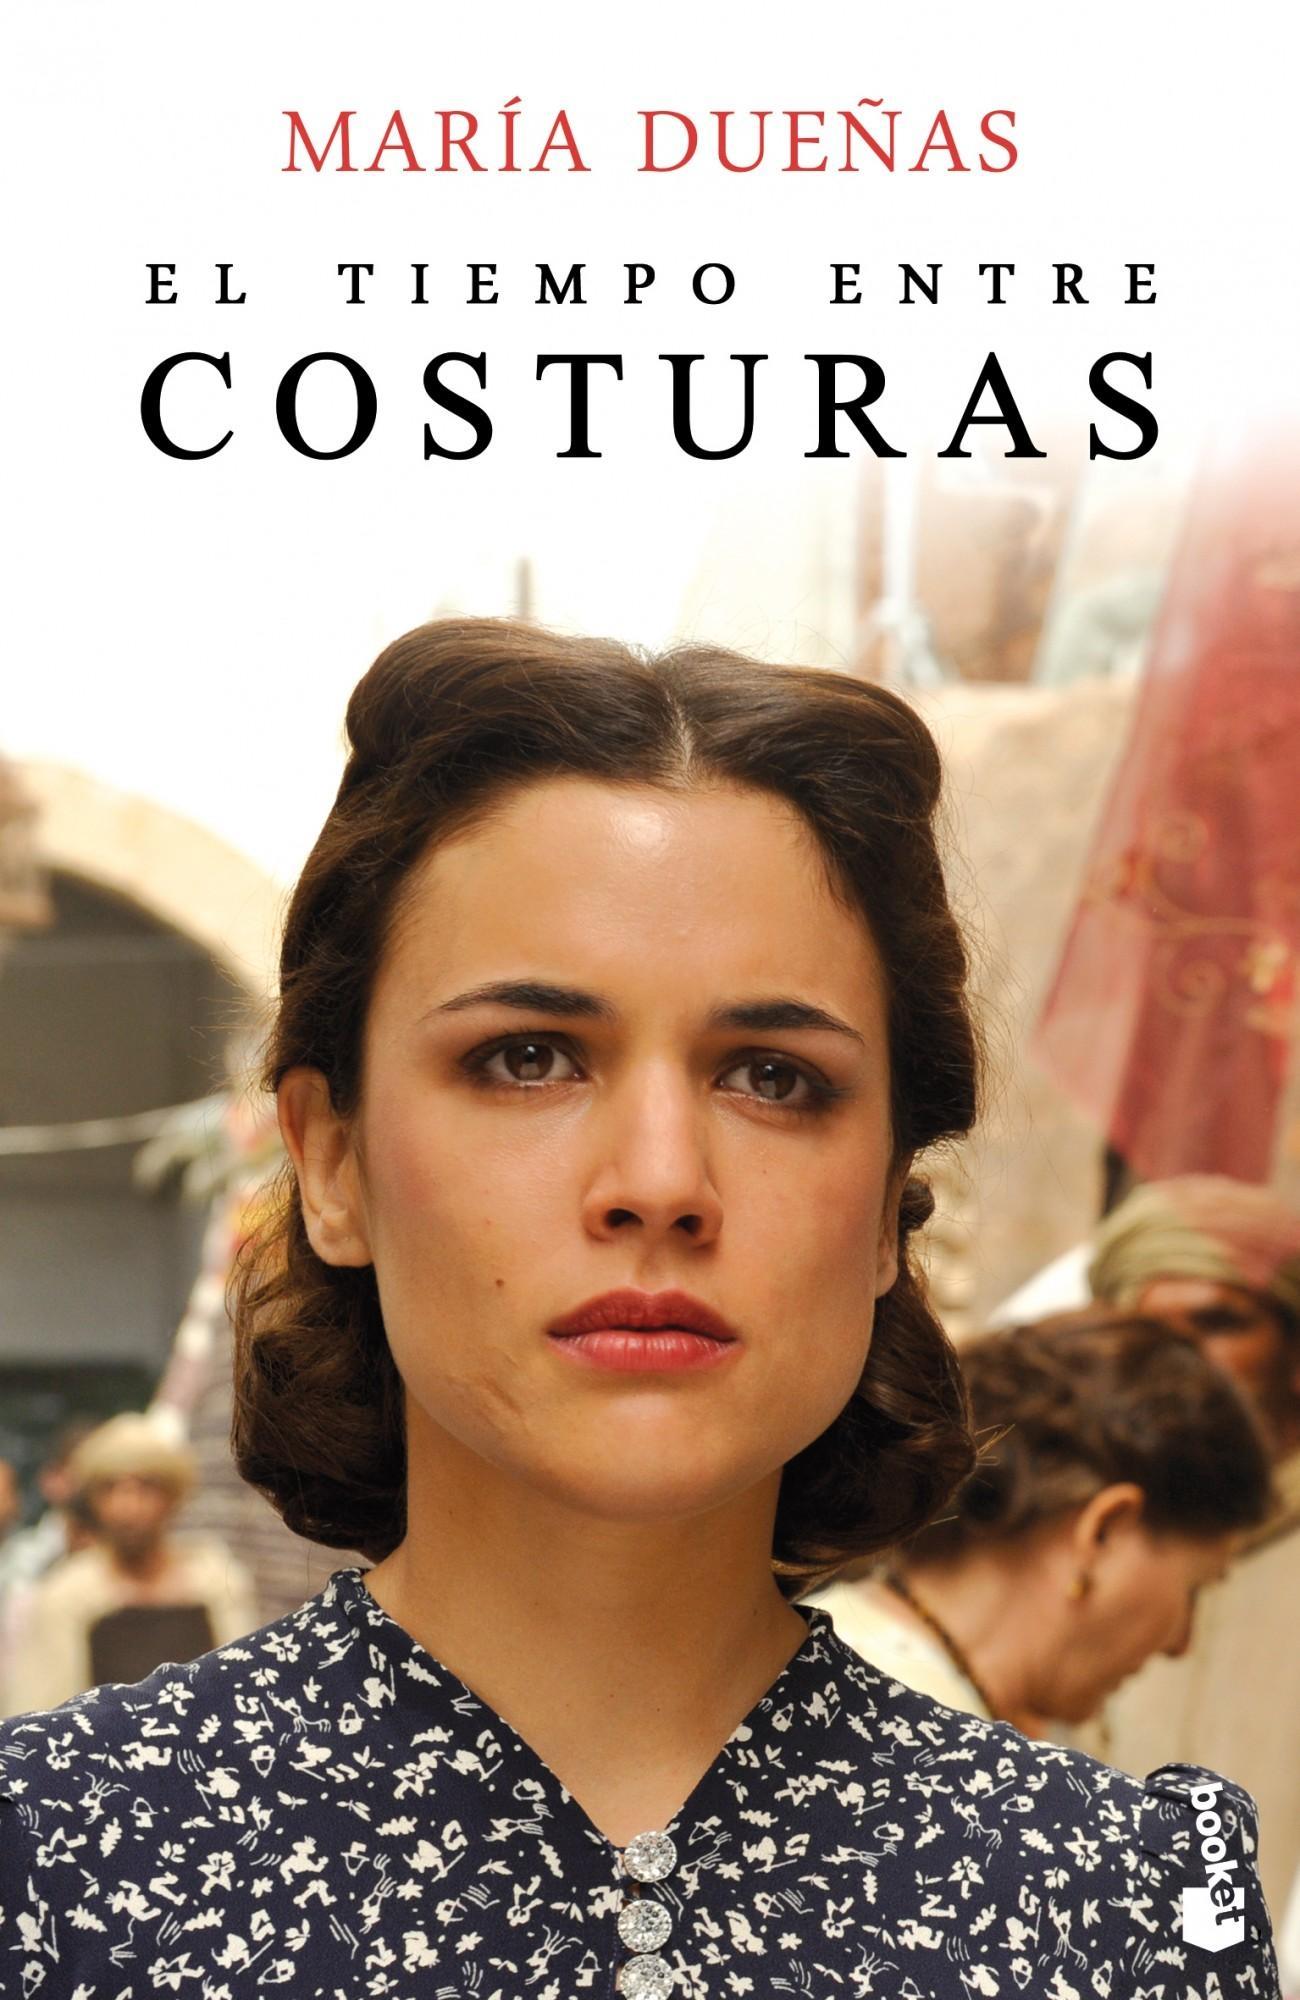 Il tempo del coraggio e dell'amore: Adriana Ugarte nella locandina della serie